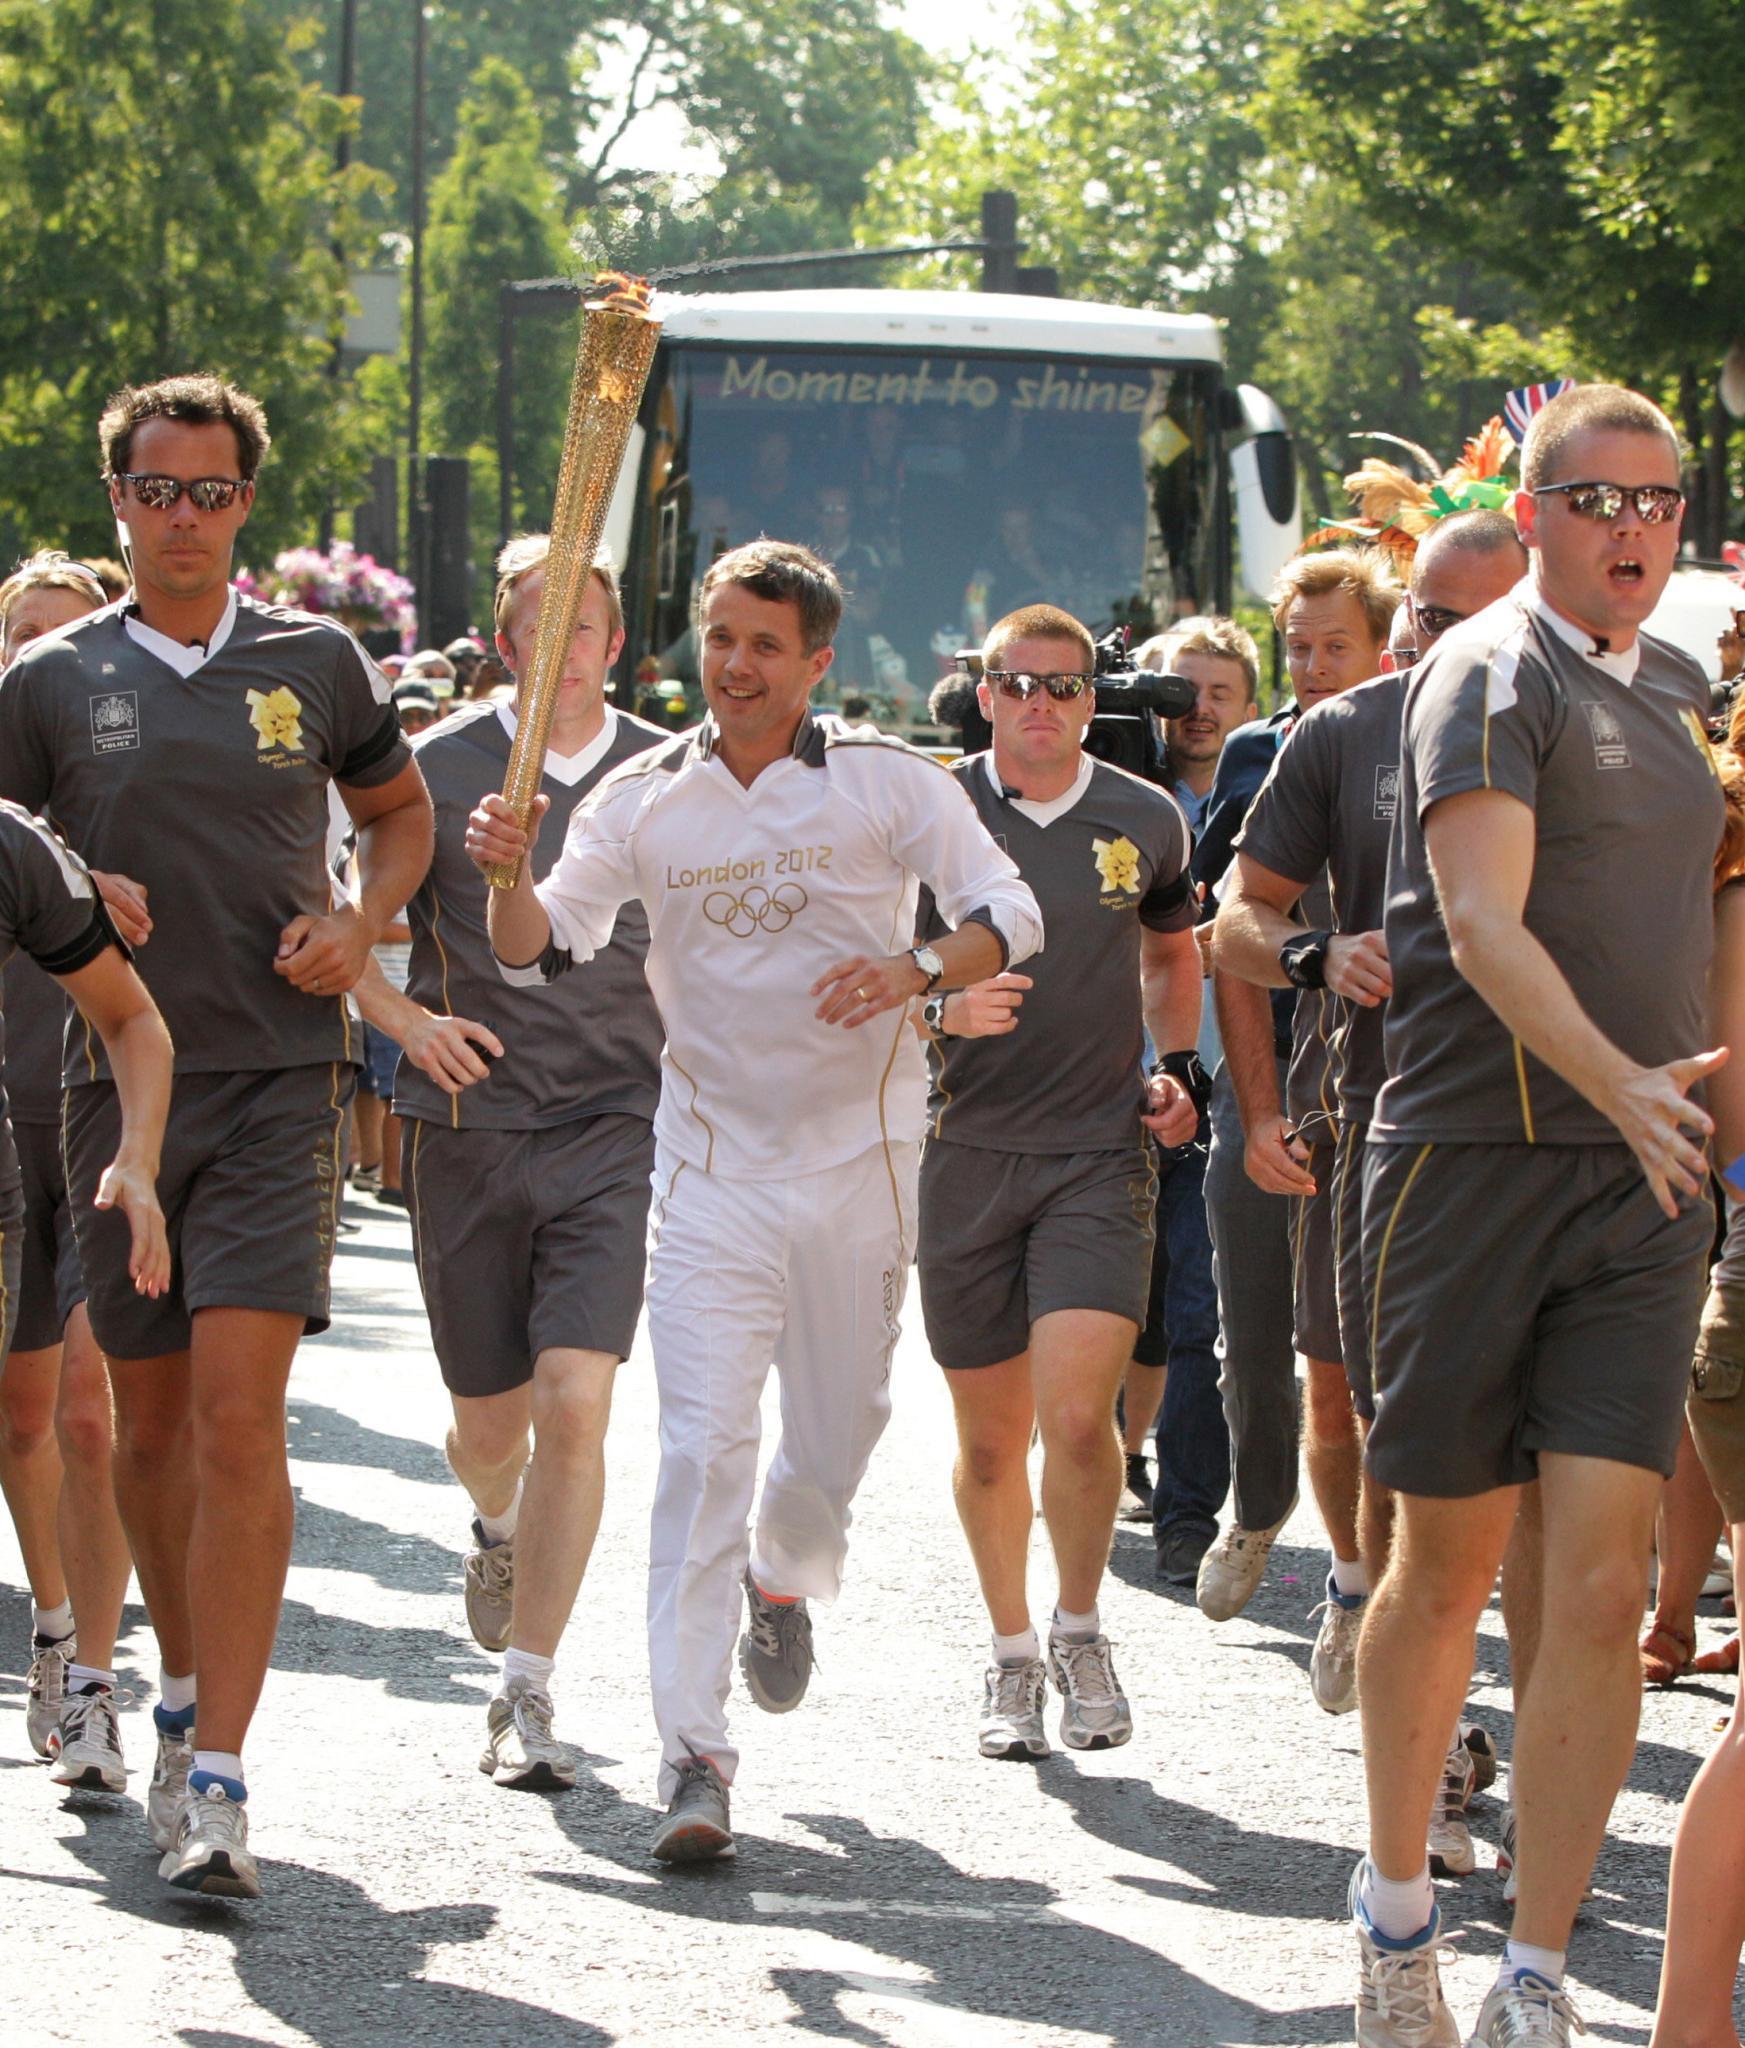 Die Fackel tragen durfte er immerhin schon: Prinz Frederik beim Staffellauf zur Entzündung des Olympischen Feuers 2012 in London.